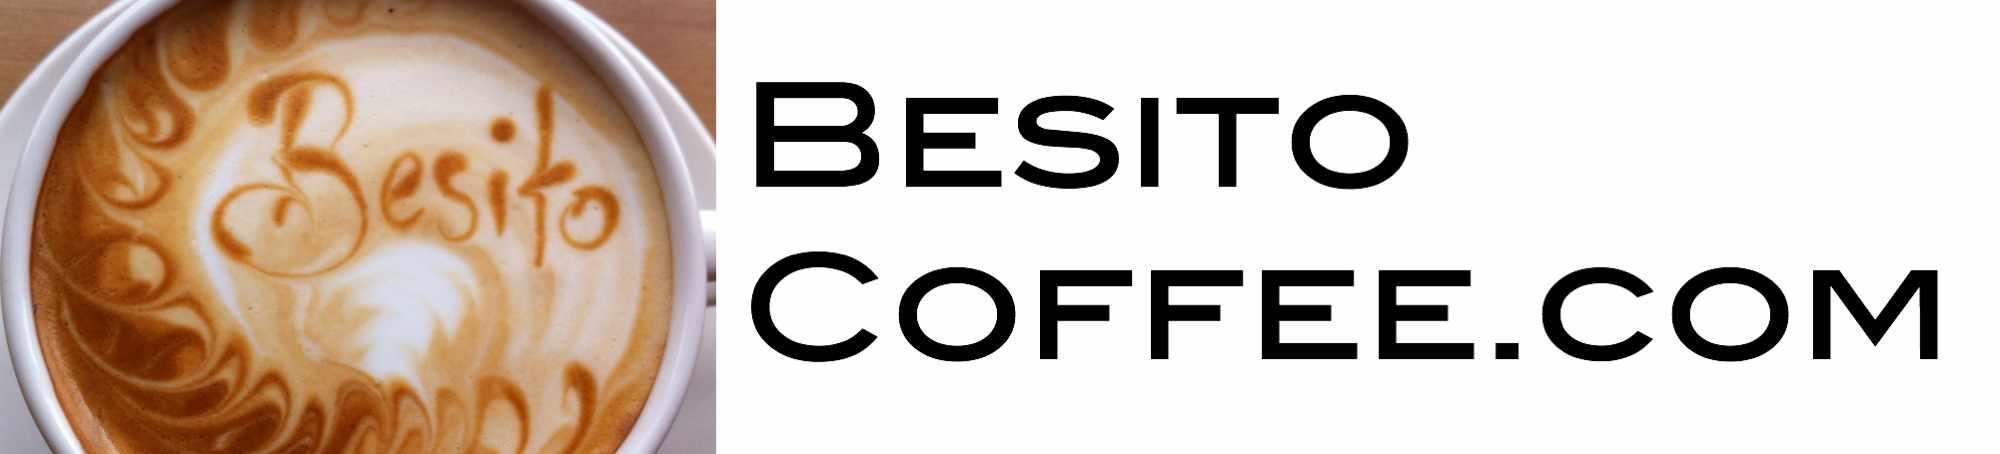 BesitoCoffee.com Logo